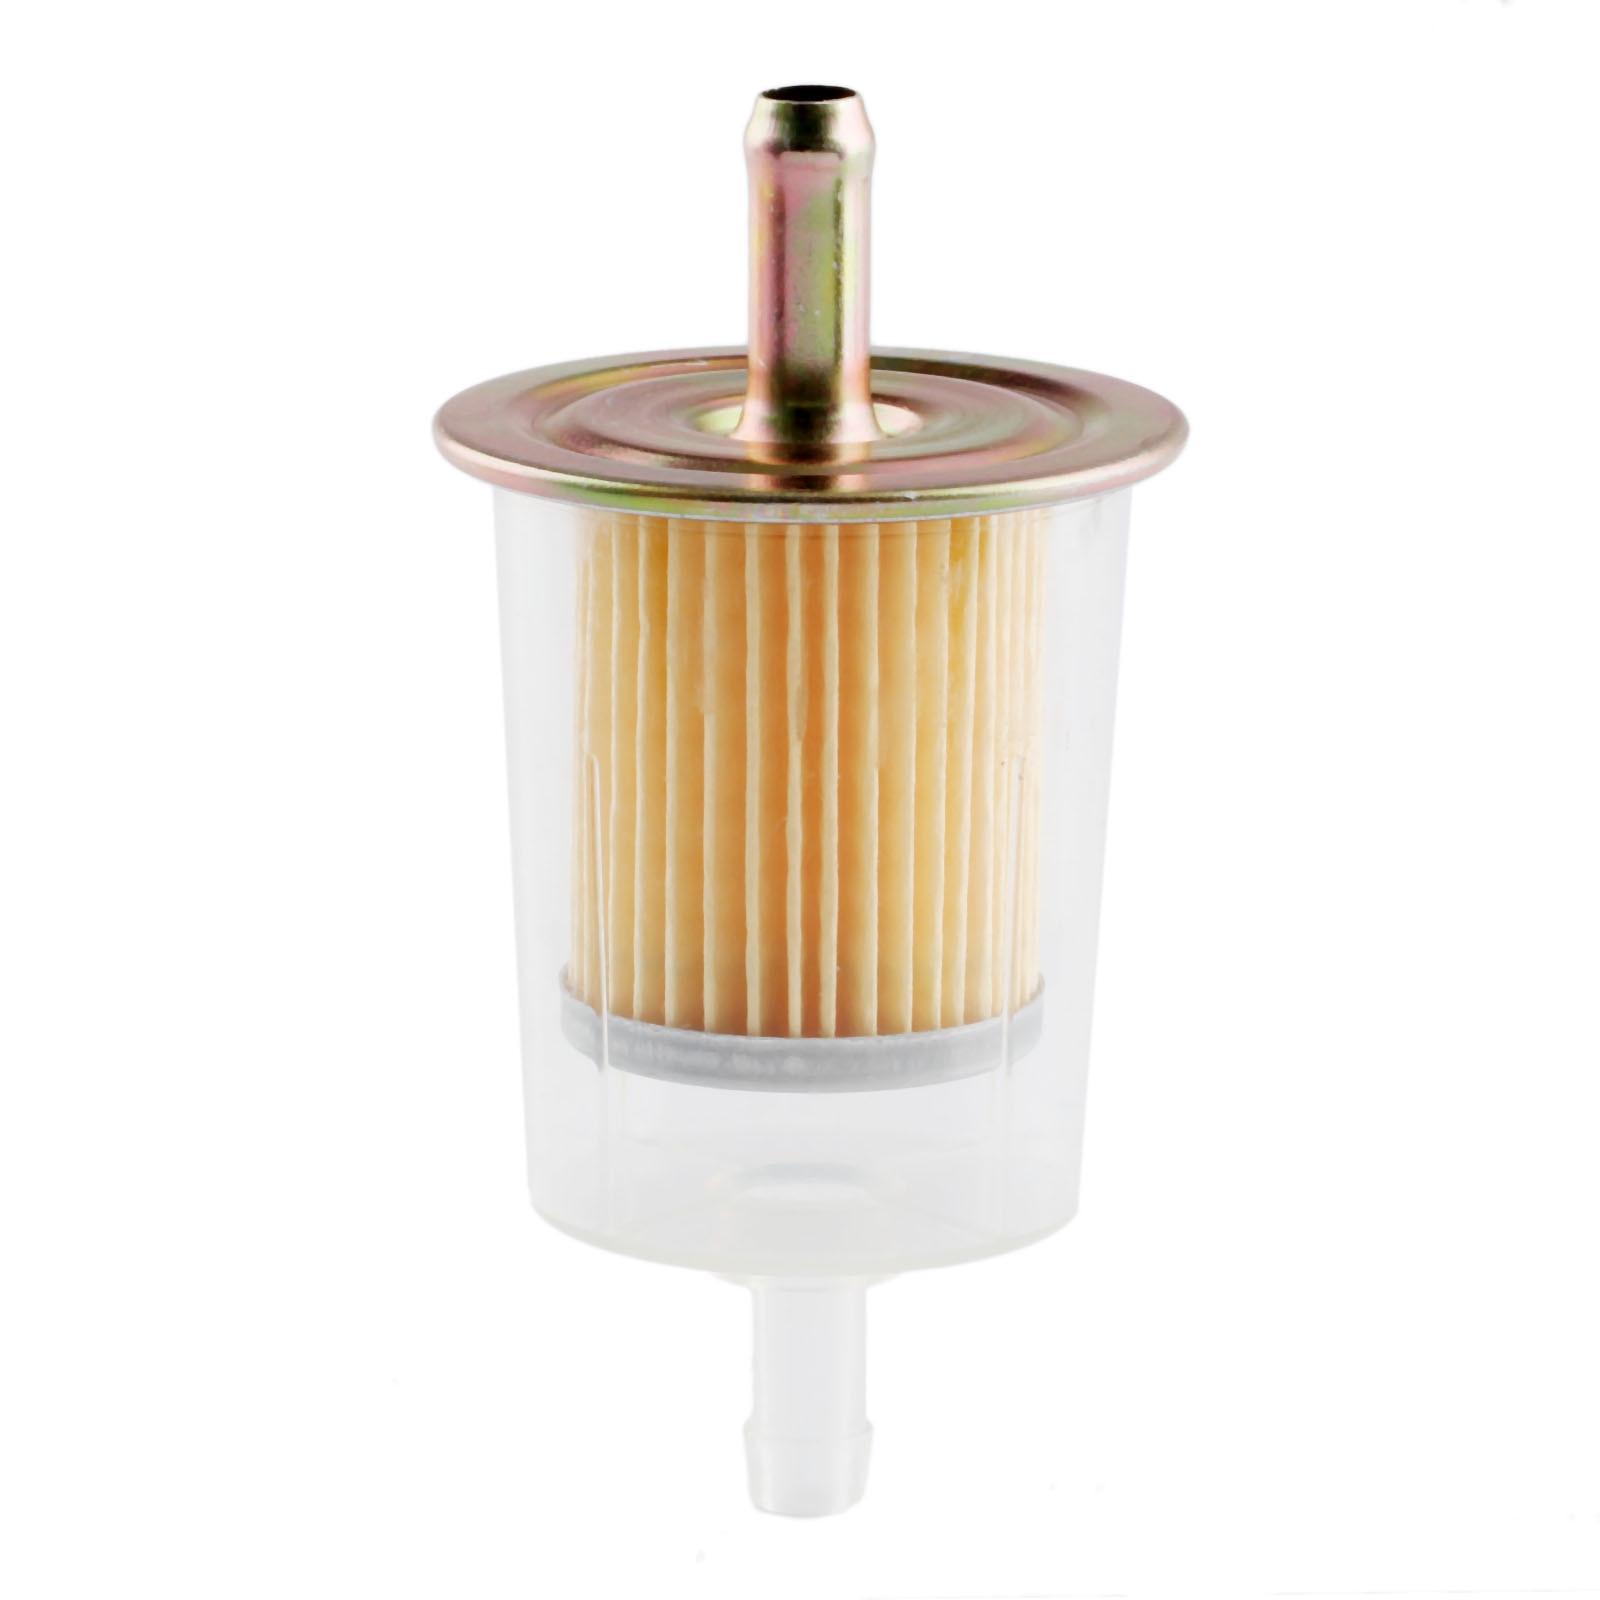 Lot de 10 filtres /à carburant universels /à essence pour moteur de 6 /à 8 mm